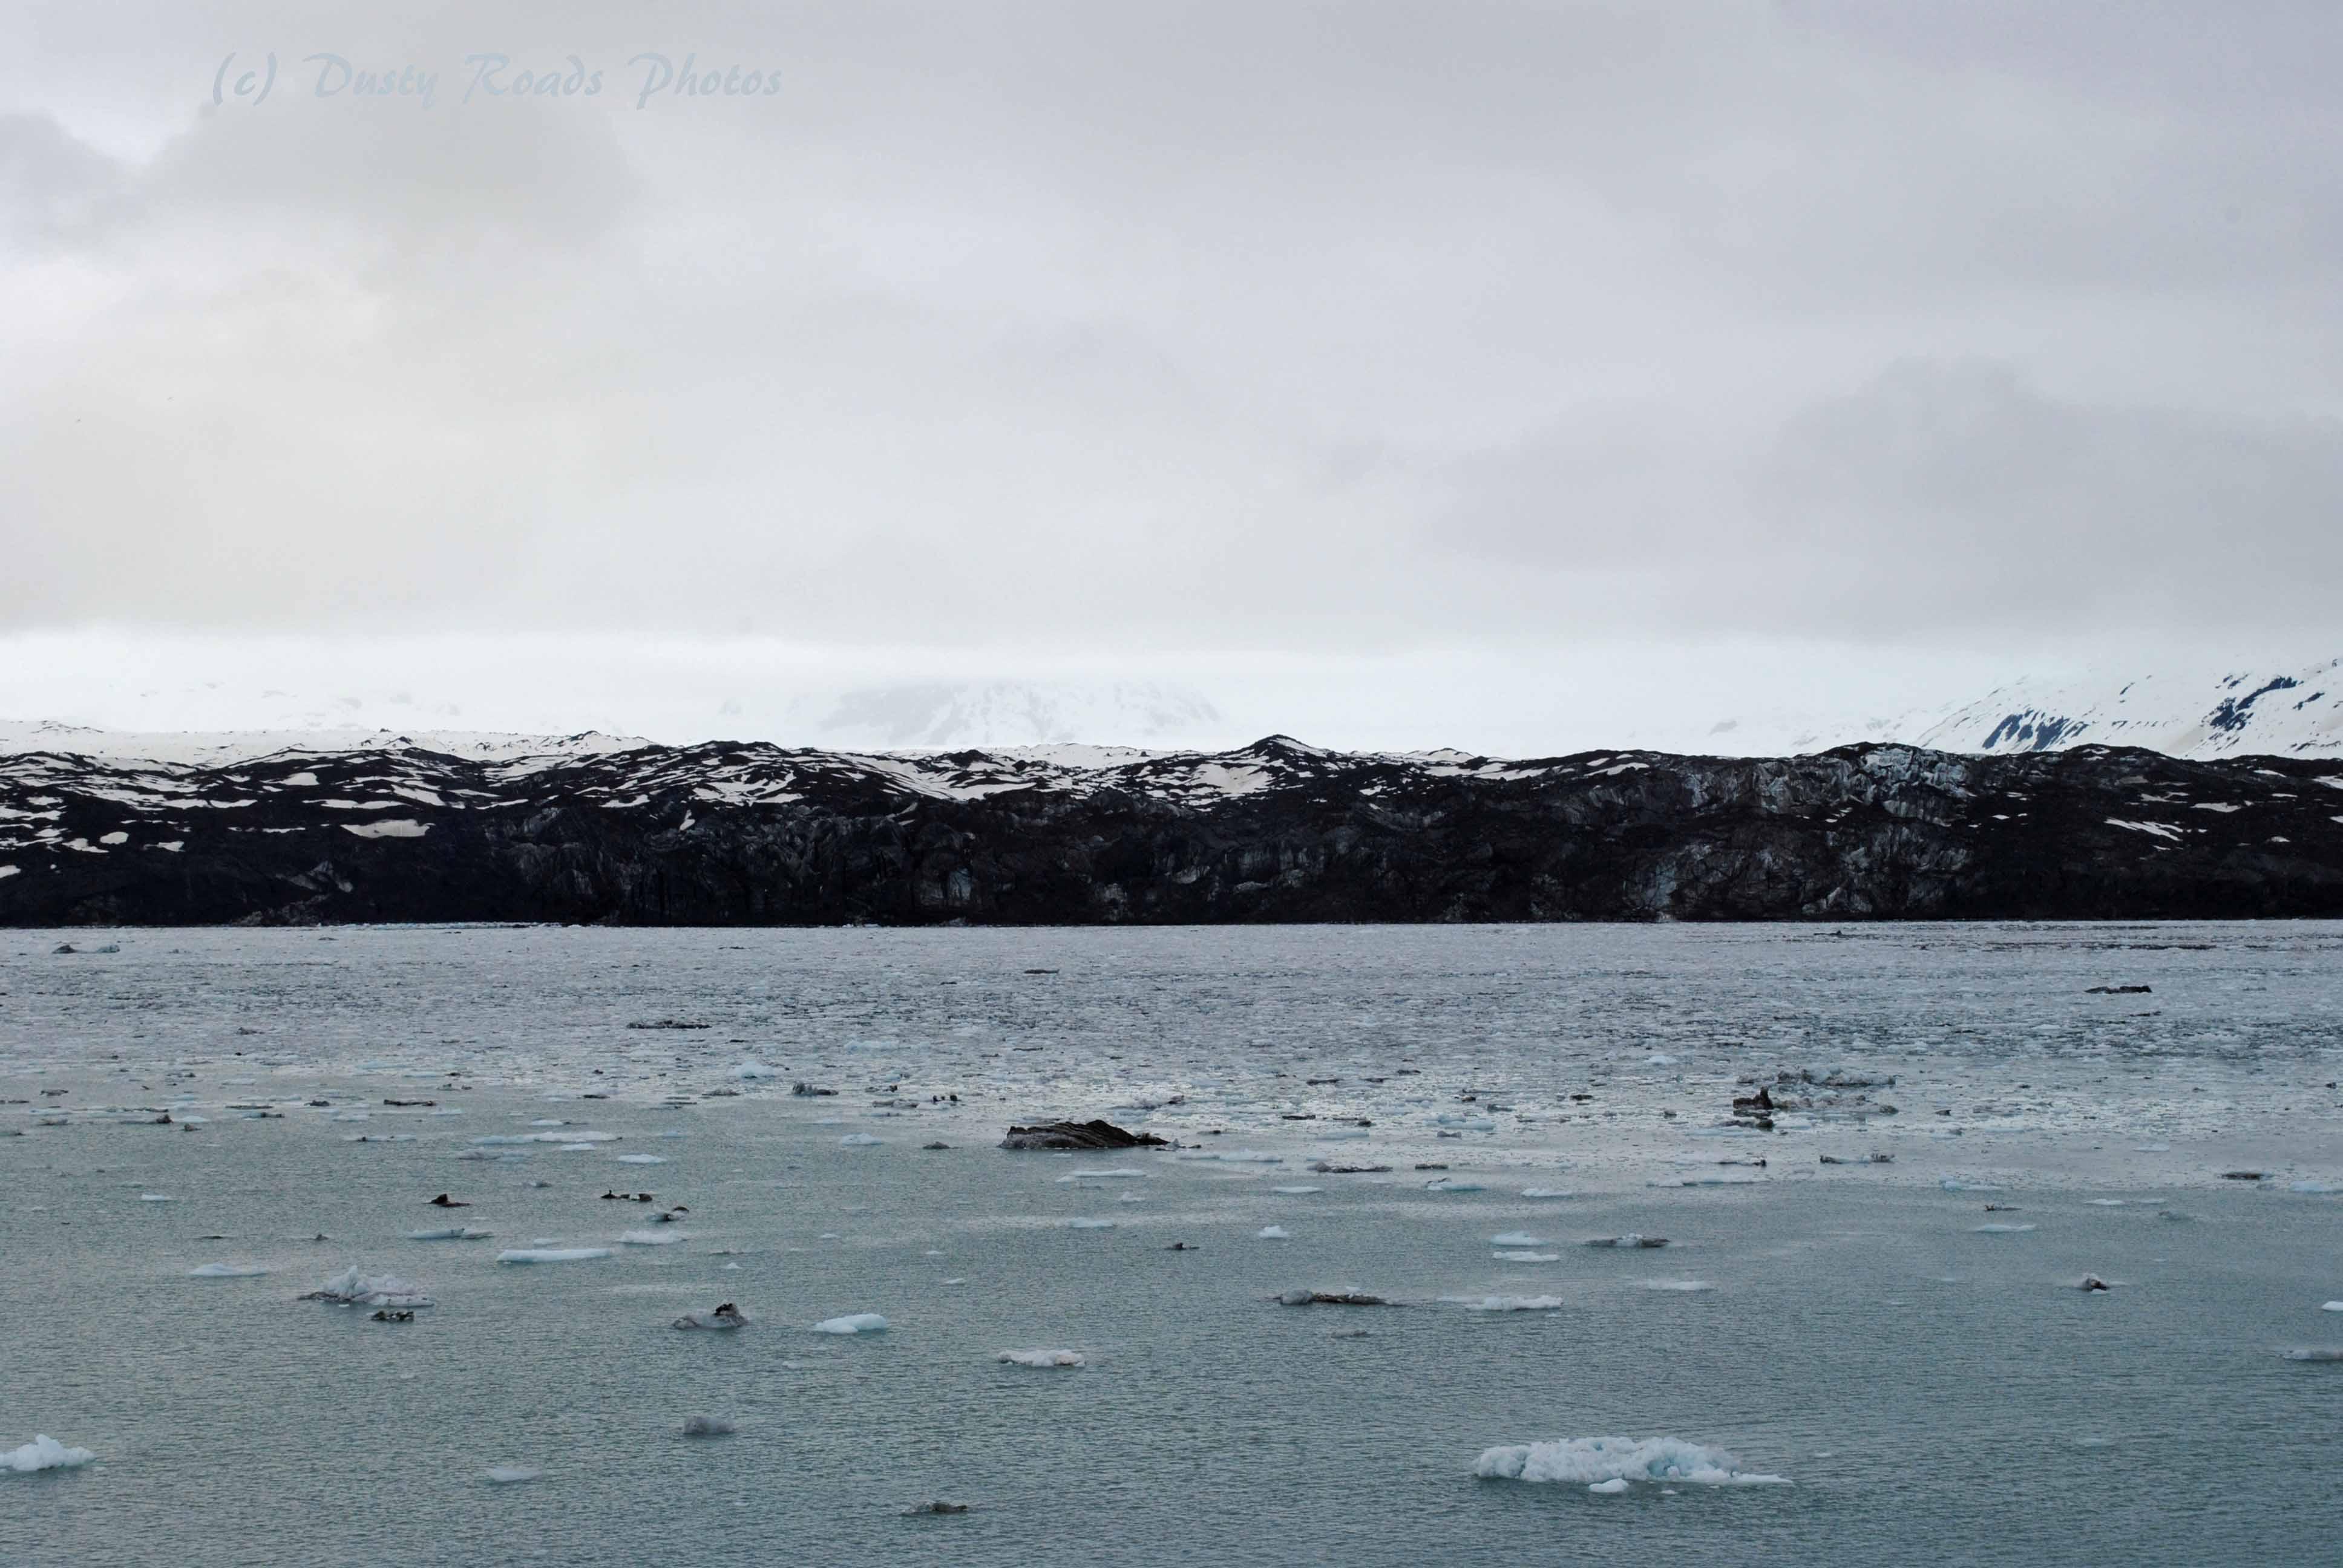 Grand Pacific Glacier Aroundustyroads